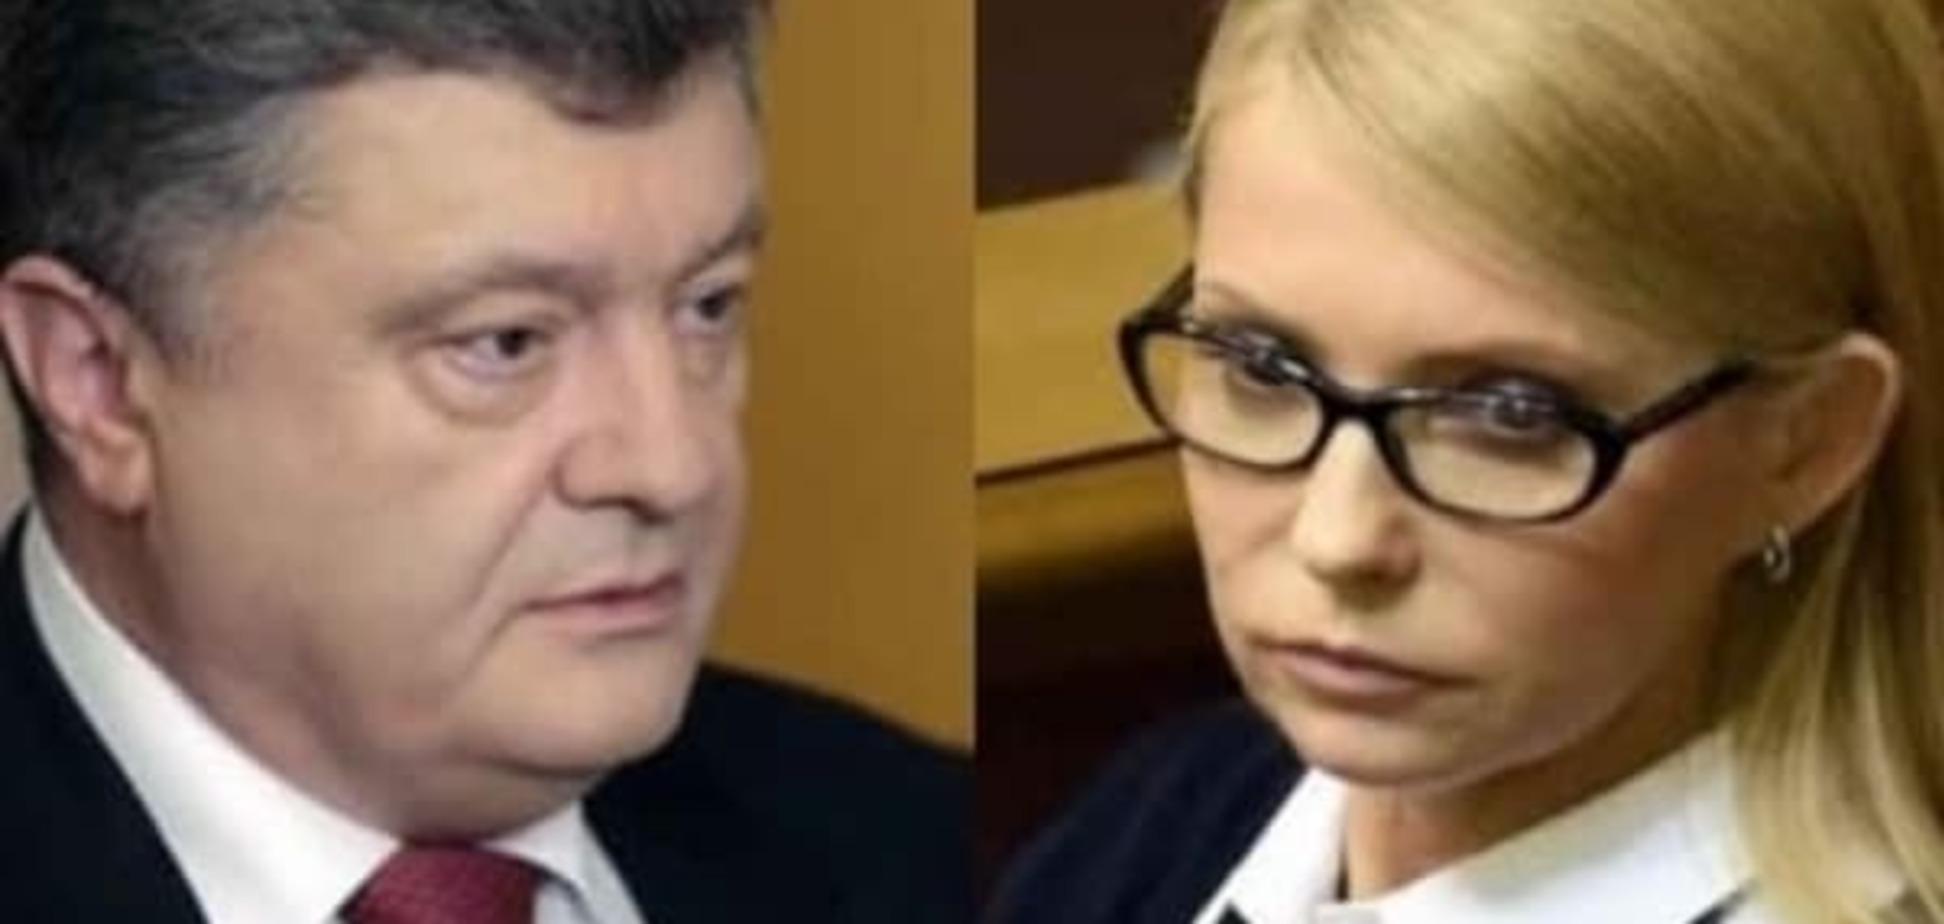 В рейтинге кандидатов в президенты лидируют Тимошенко (15,1%) и Порошенко (11,4%)